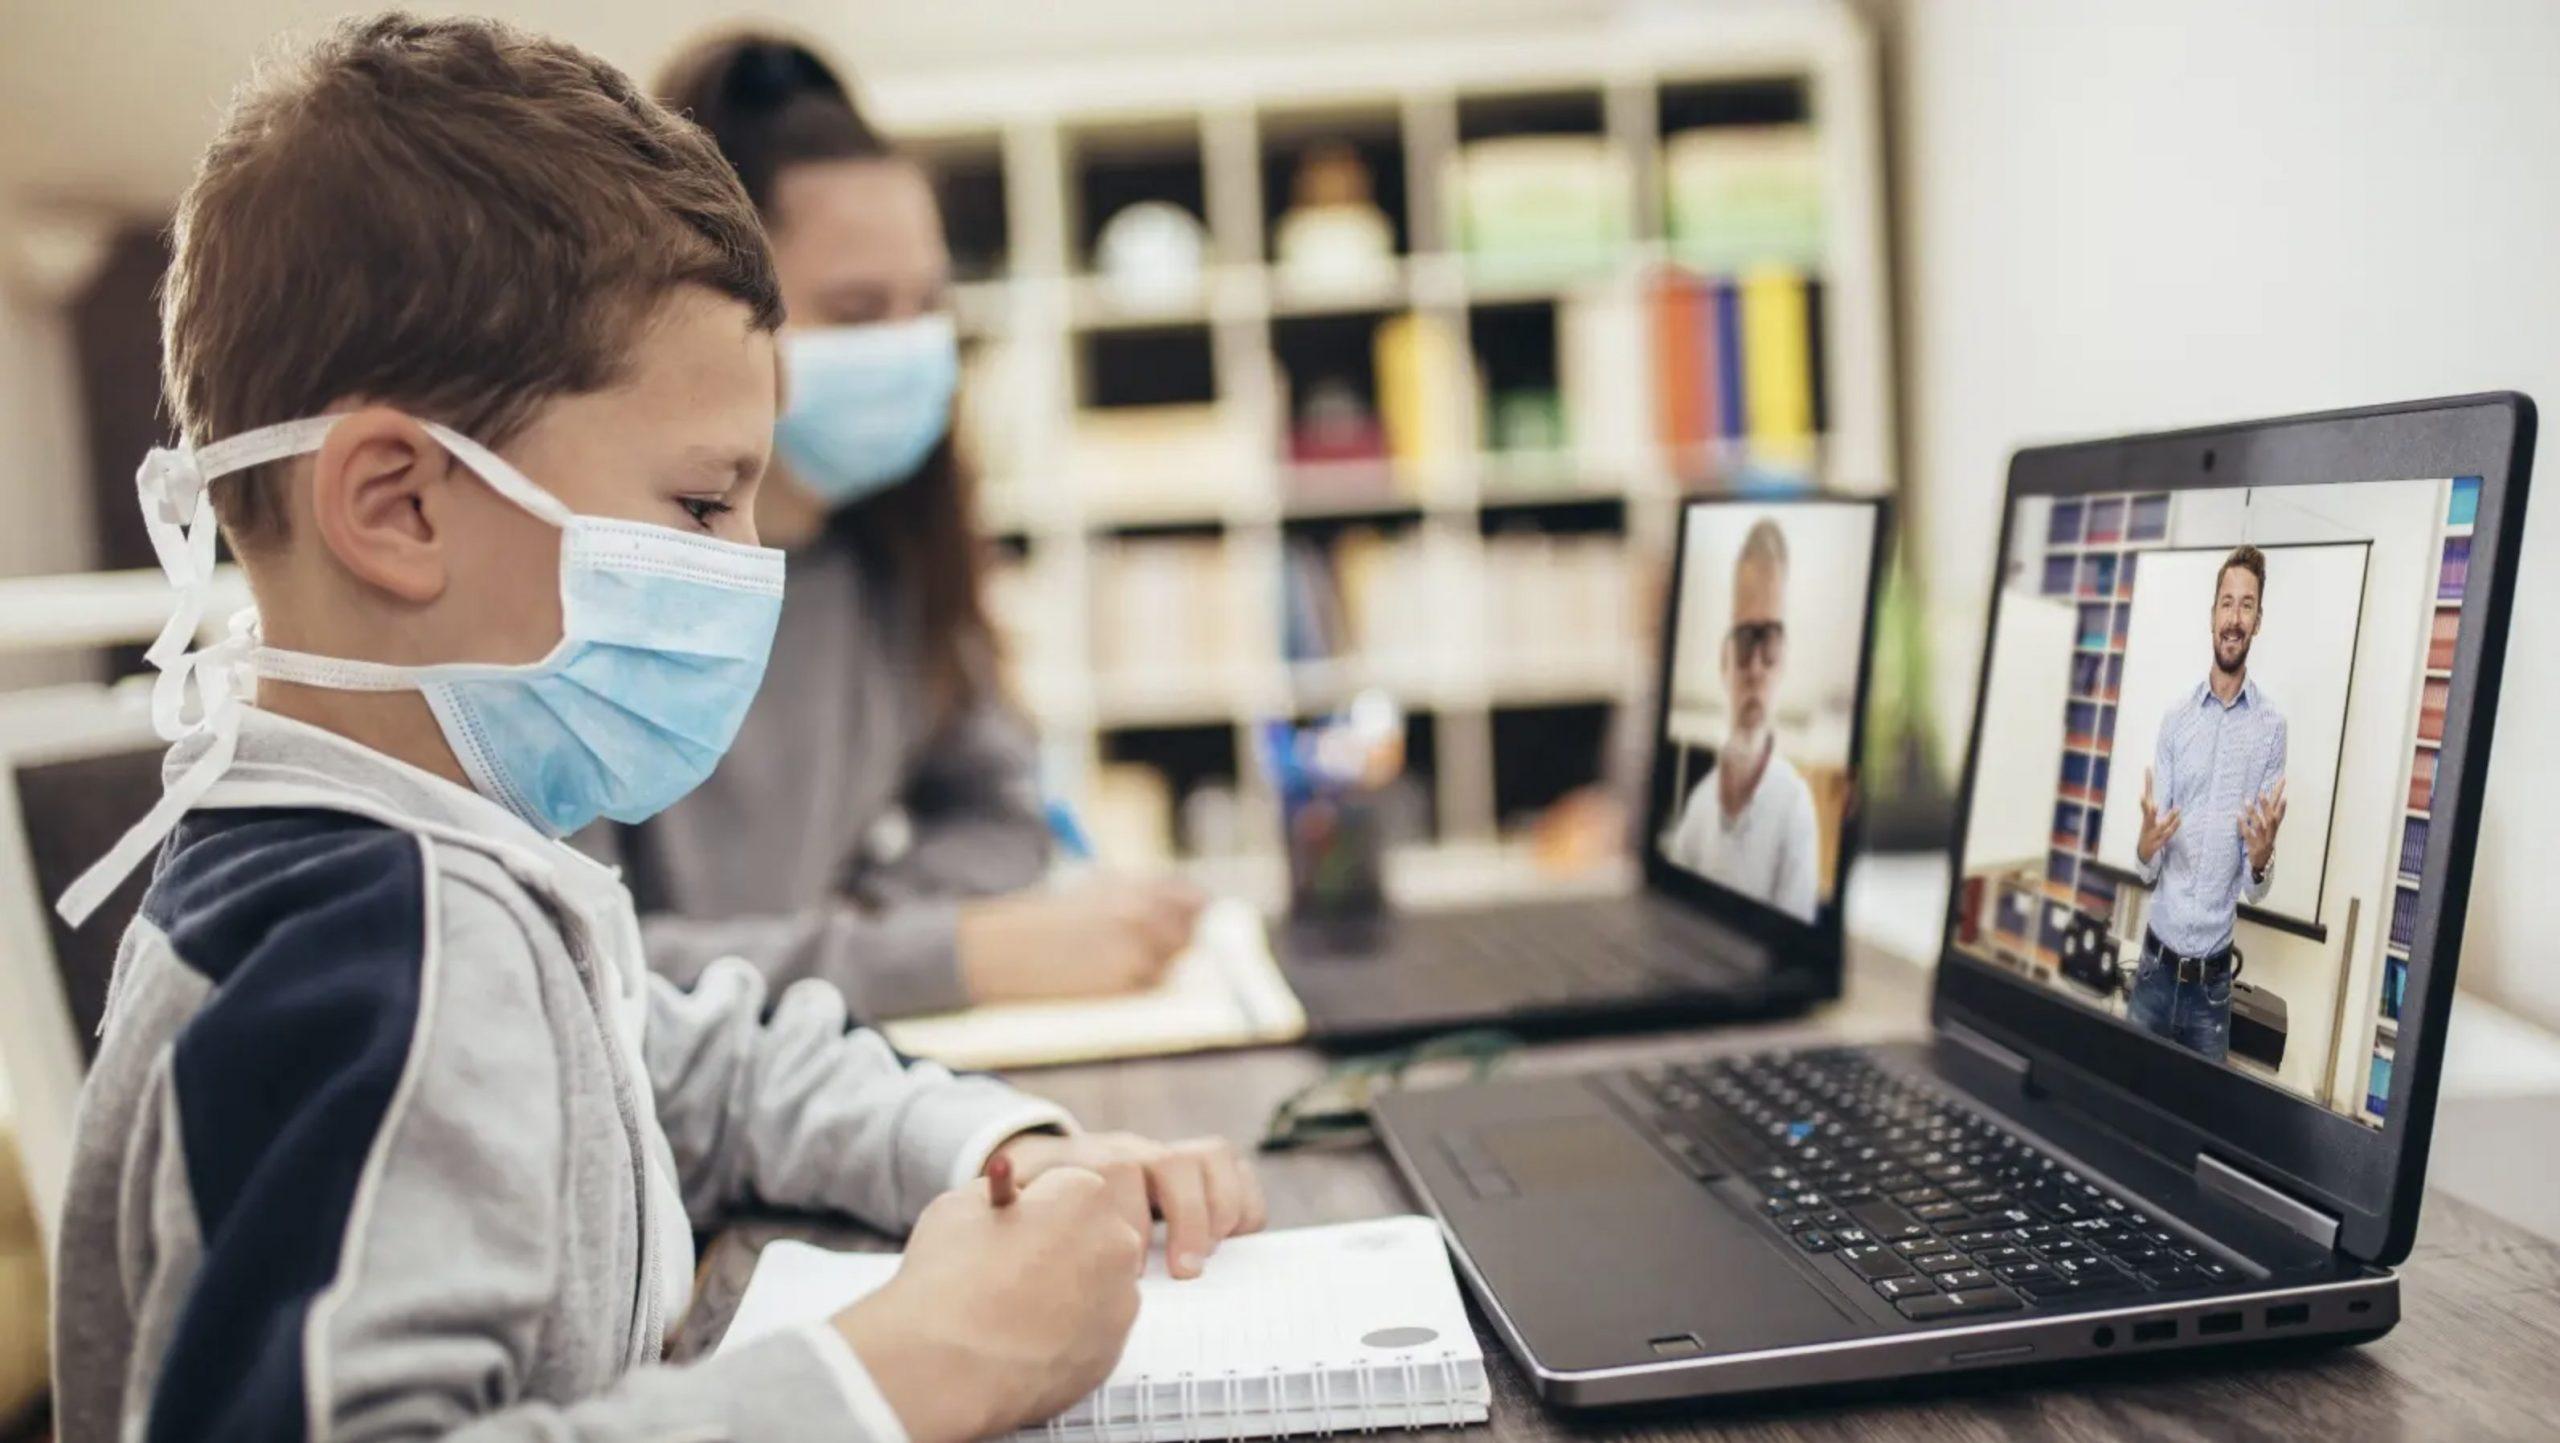 دراسة 62% من المُدرّسين غير راضين عن تجربتهم في التعليم عن بعد خلال الجائحة